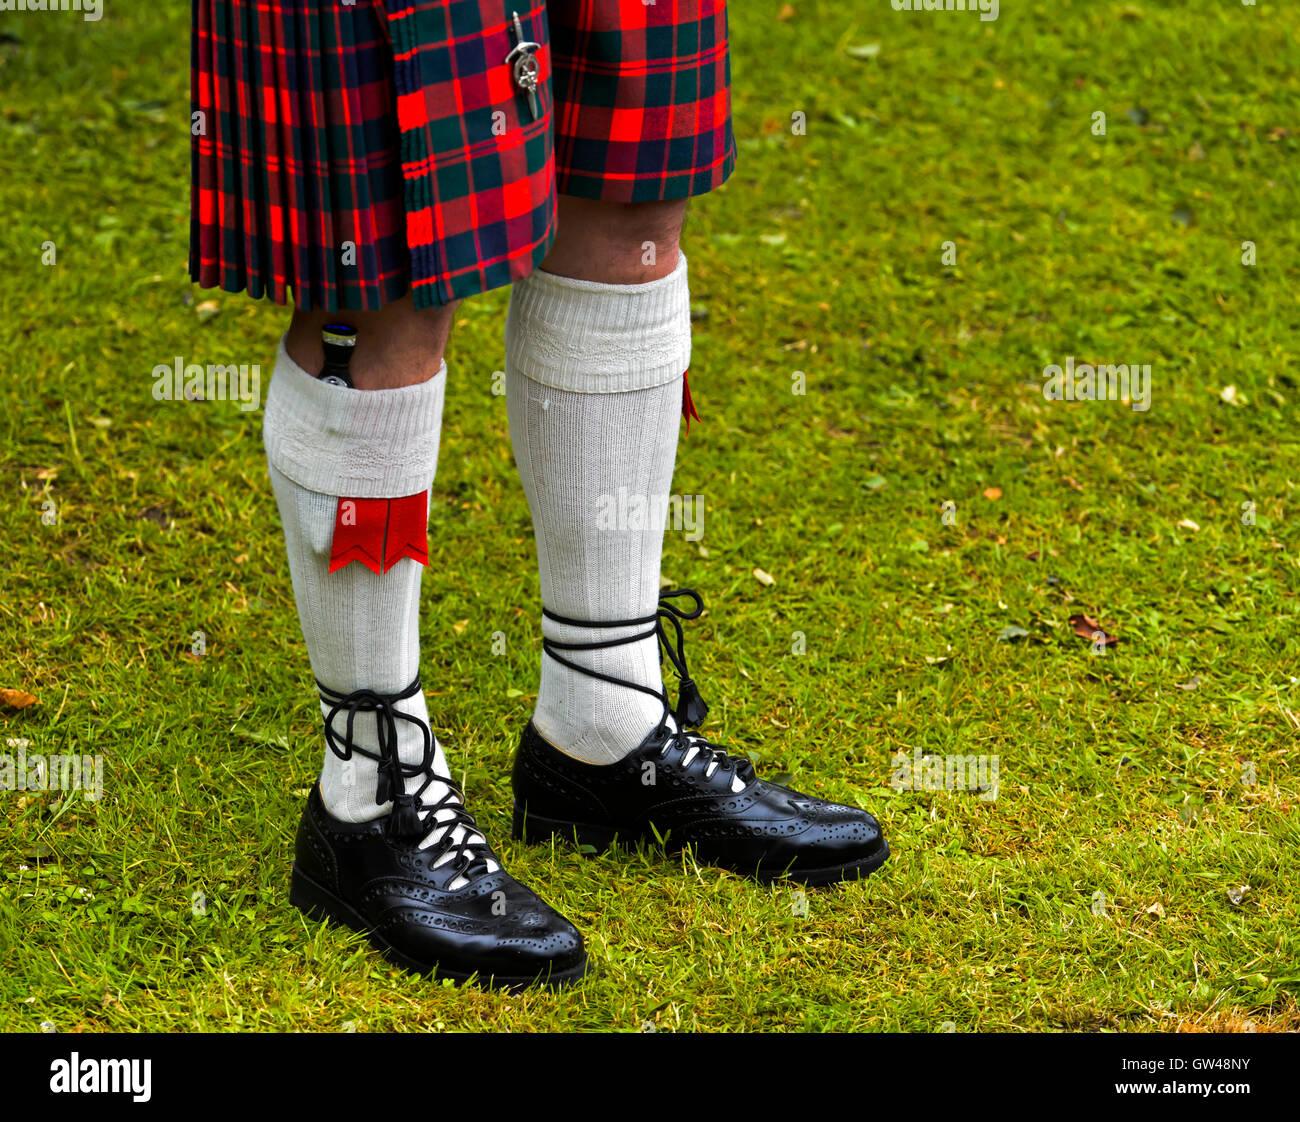 Traditionelle Highland Dress, Kilt, Kilt Socken, Kilt Socken Blitze, Sgian Dubh Messer und schottischen Leder Ghillie Stockbild